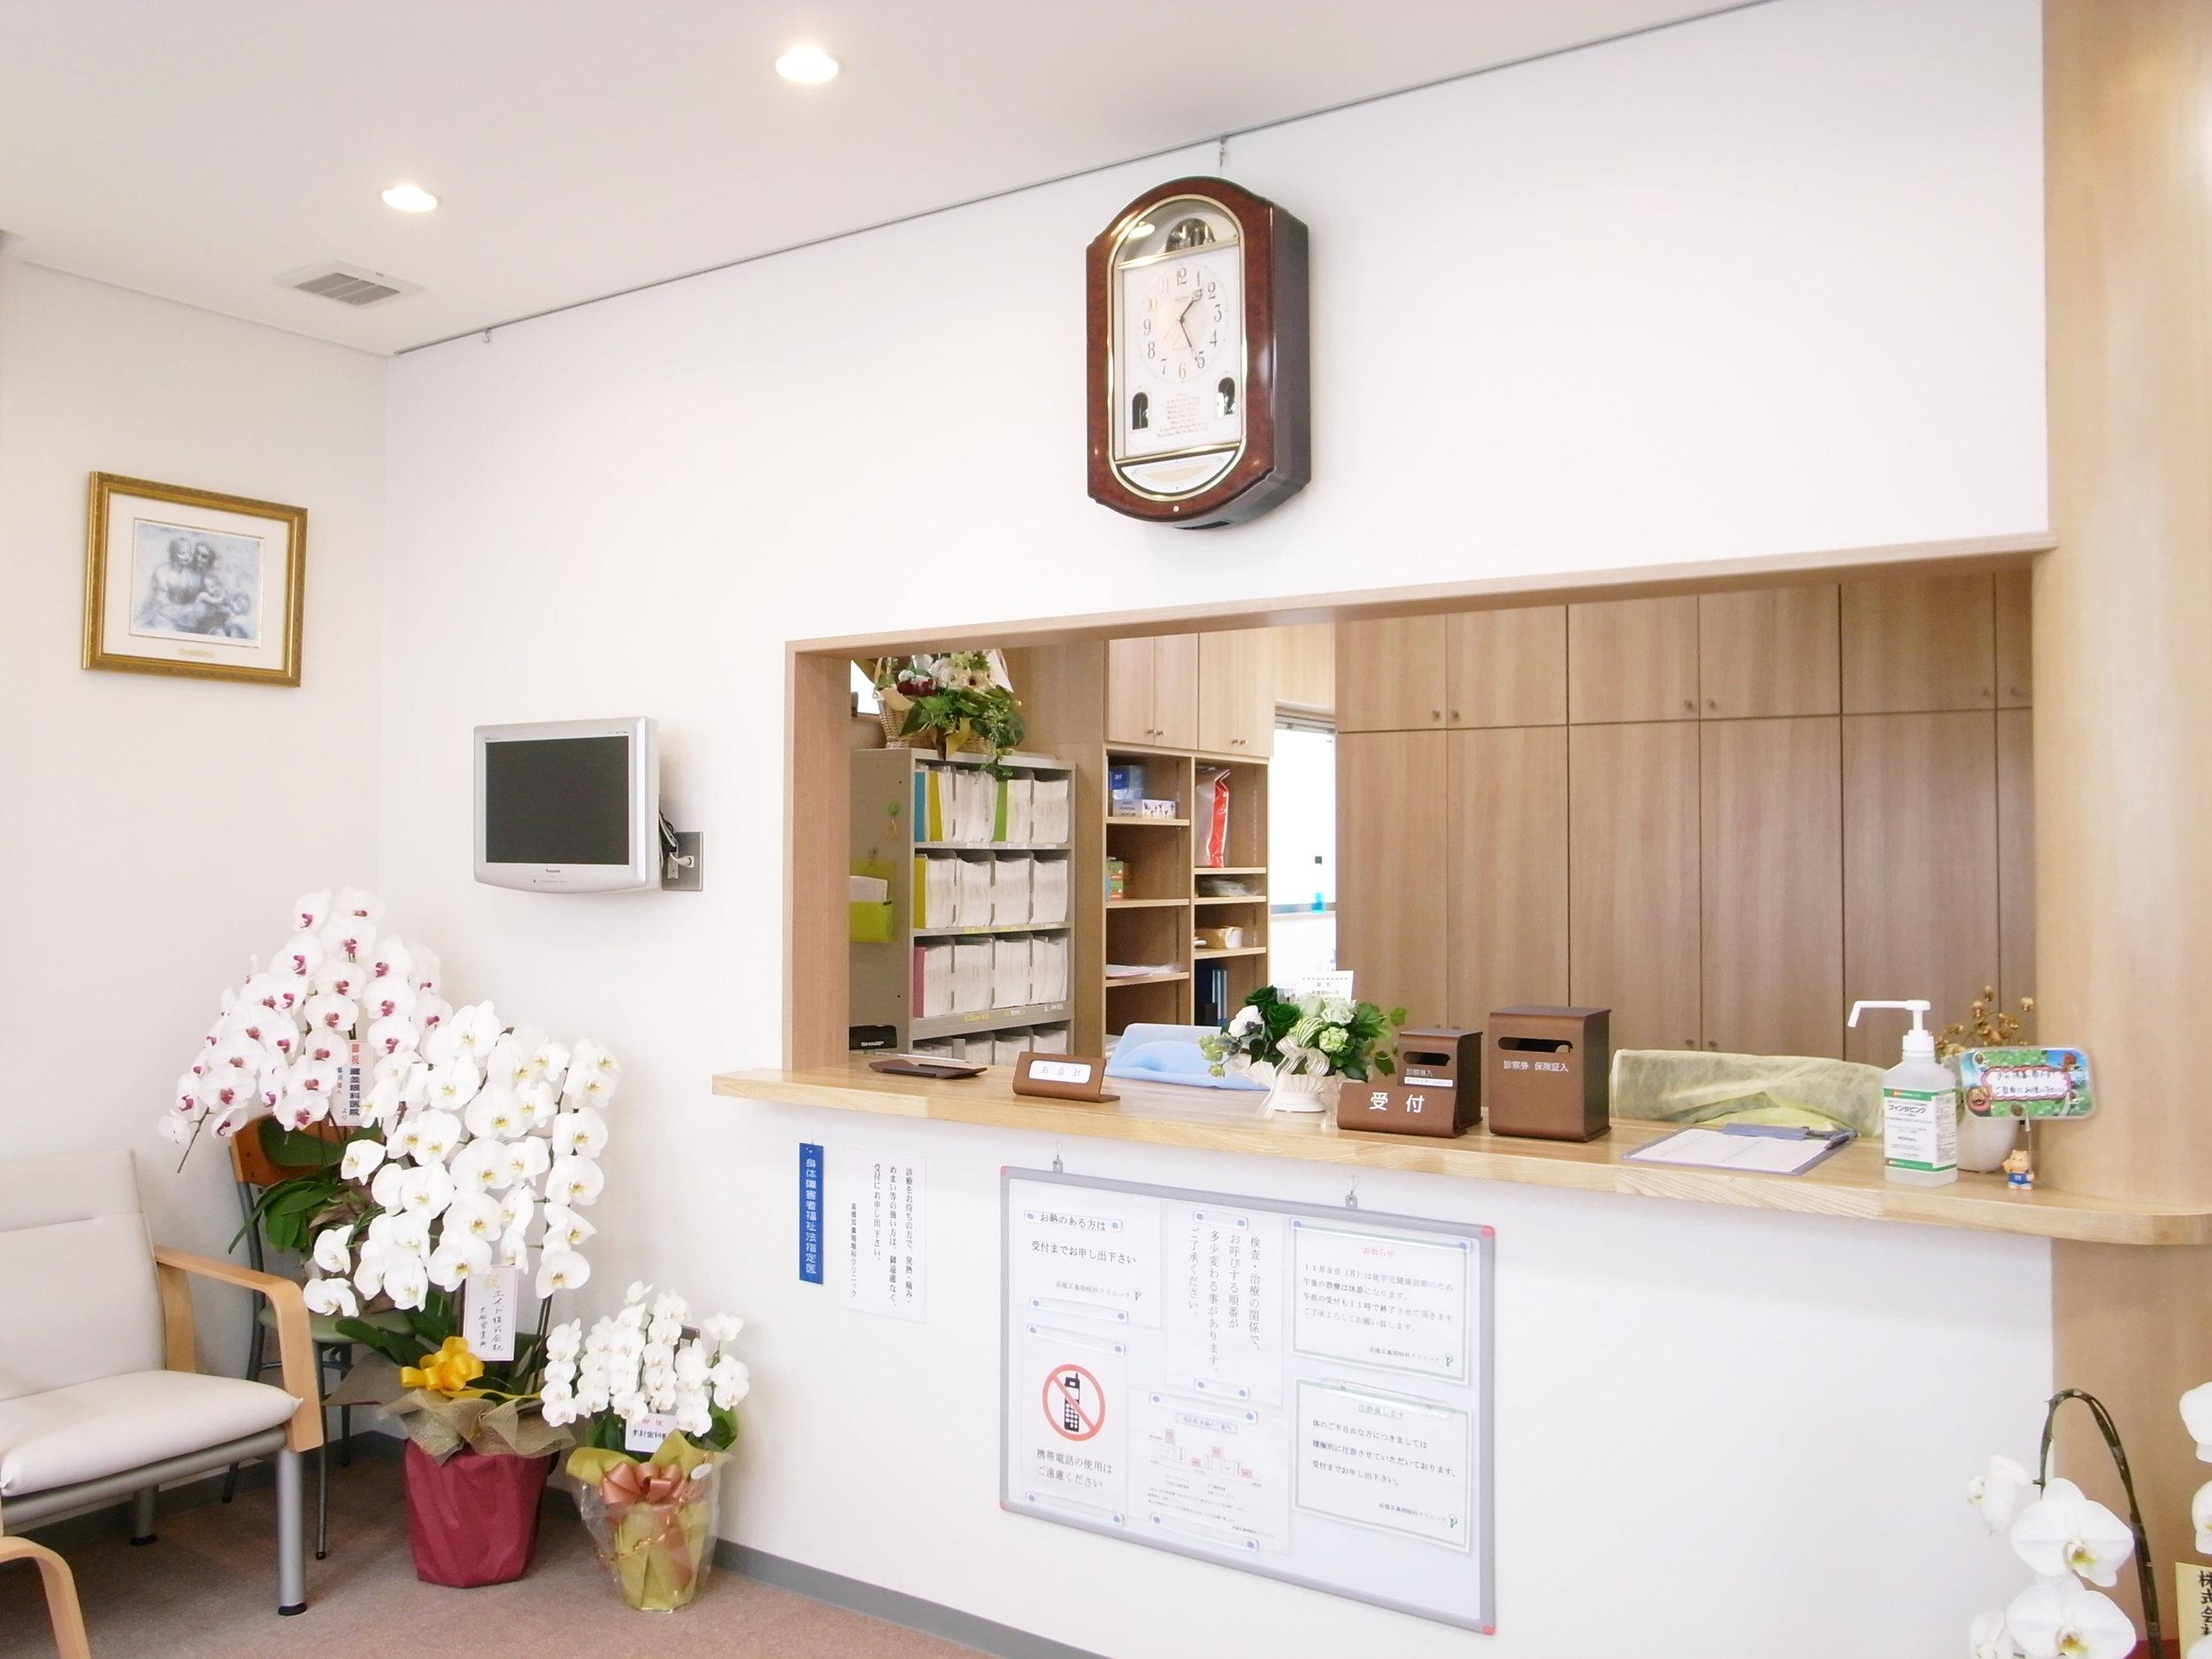 クリニック受付   白を基調とした清潔感溢れる空間です。 電子カルテ完備により迅速に対応します